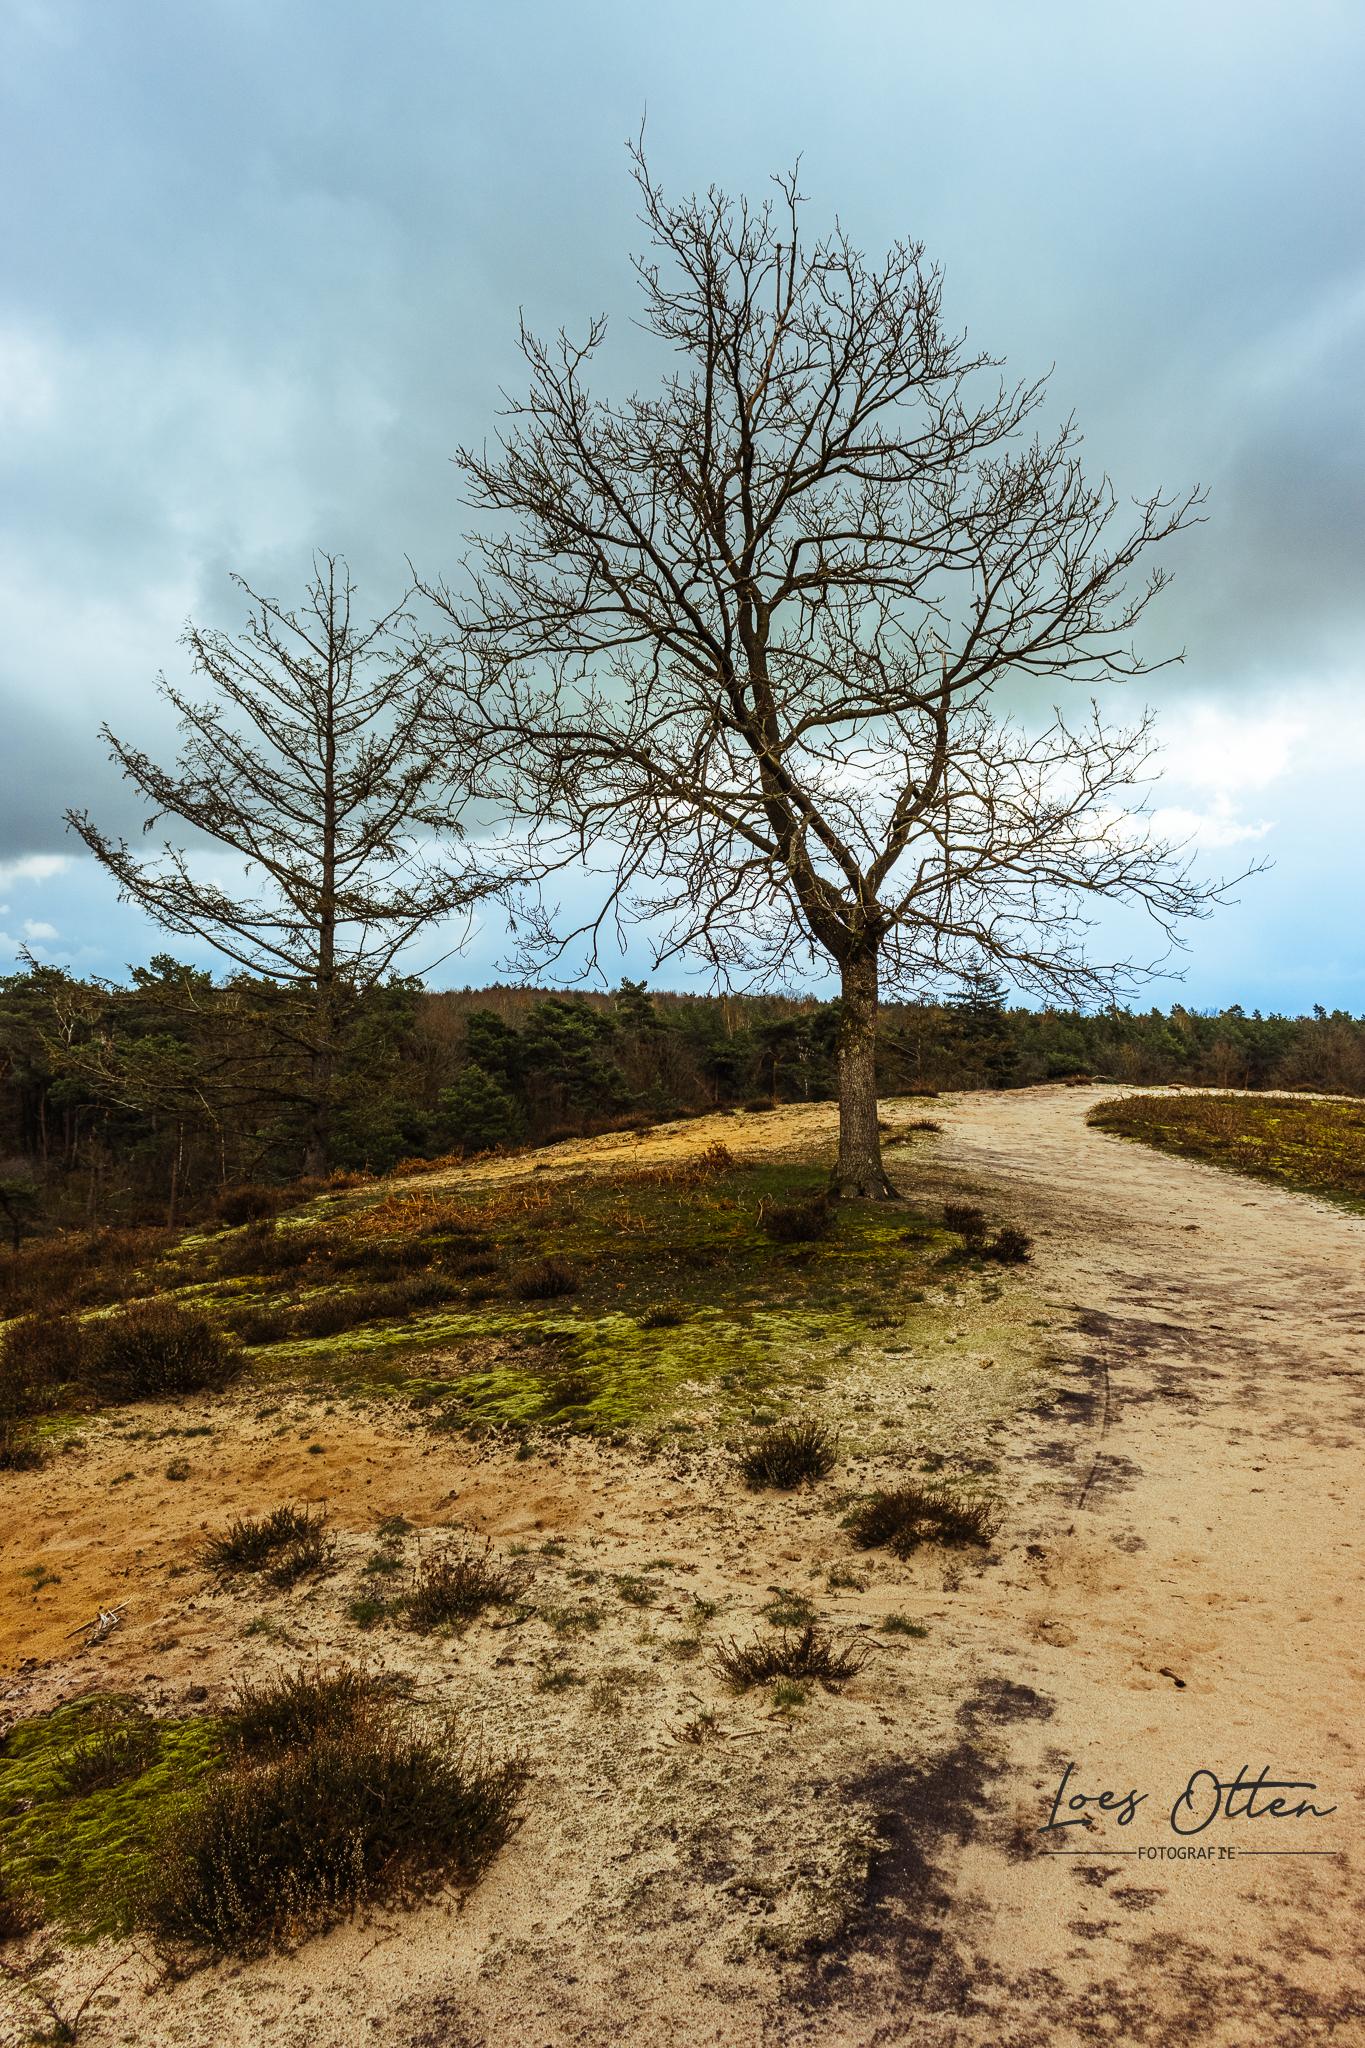 Nationaal Park De Maasduinen - De voorjaarskleuren in de Maasduinen met typisch Nederlandse luchten. - foto door LoesOtten op 14-04-2021 - locatie: Bergen, Nederland - deze foto bevat: maasduinen, nationaal park, voorjaar, kleuren, landschap, wandeling, wolken, landschapsfotografie, wolk, lucht, fabriek, natuurlijk landschap, afdeling, boom, hout, takje, gras, kofferbak